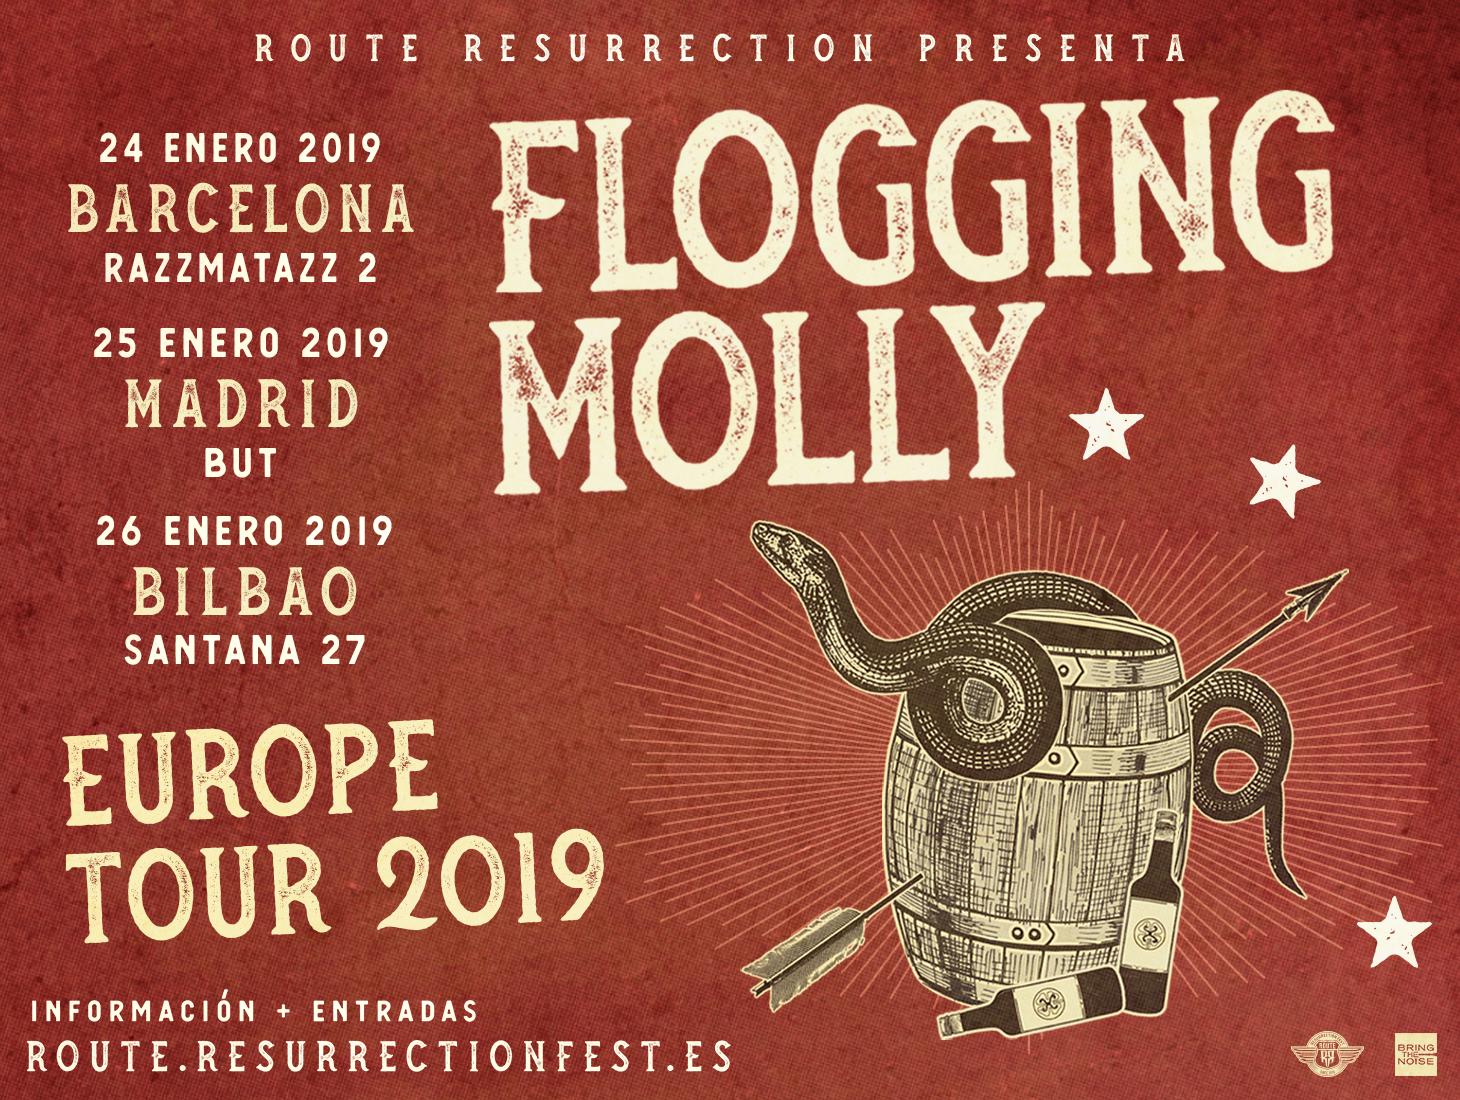 gira-2019-flogging-molly-en-bilbao-5bcdb